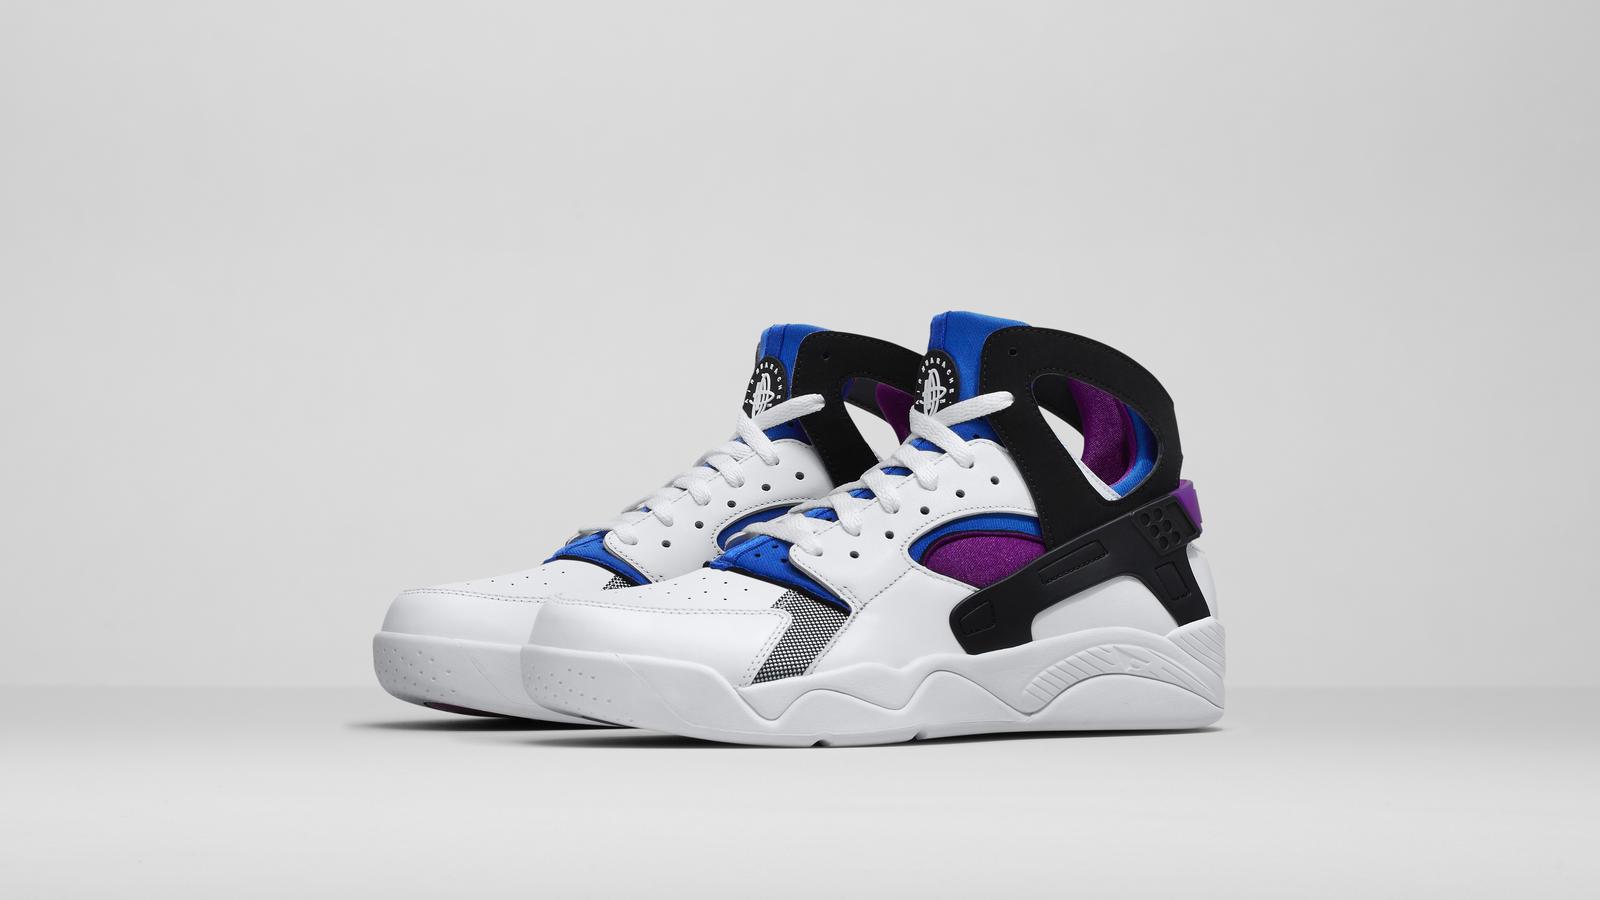 fa14_qs-air_flight_hurache_purple-pair